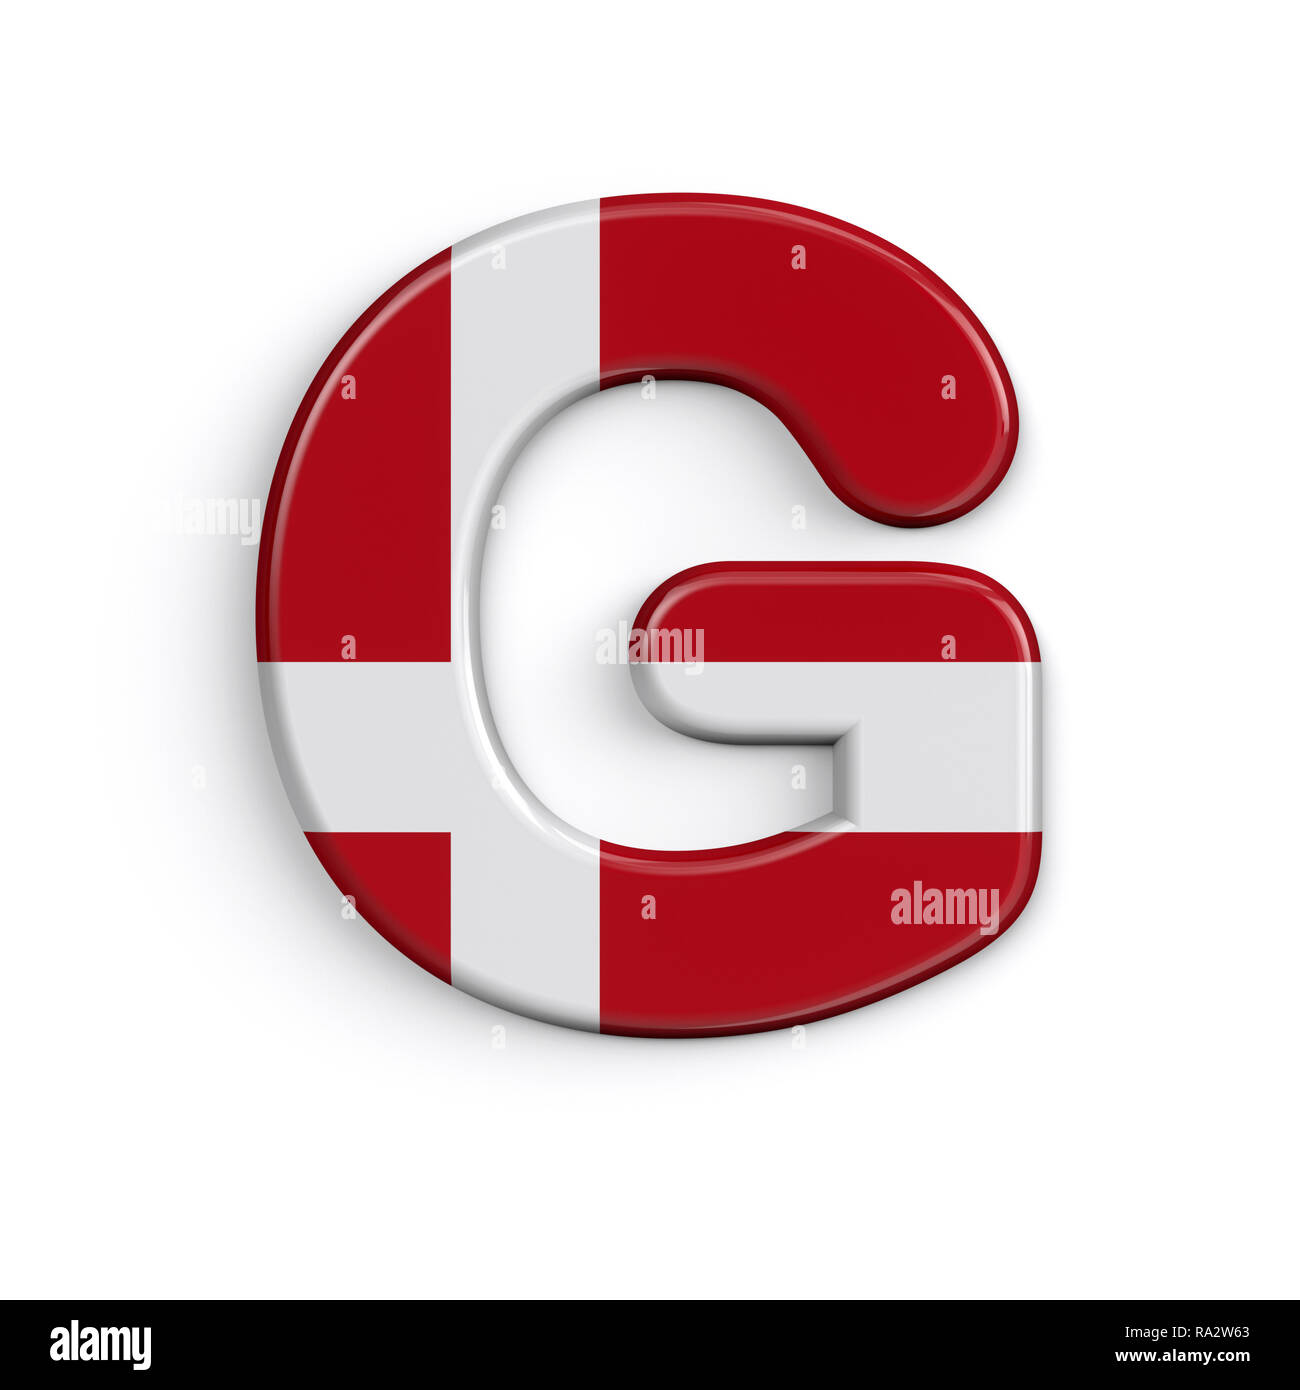 Dinamarca la letra G - 3d grande bandera danesa font aislado sobre fondo blanco. Este alfabeto es perfecto para creativos ilustraciones relacionadas pero no limitado Foto de stock